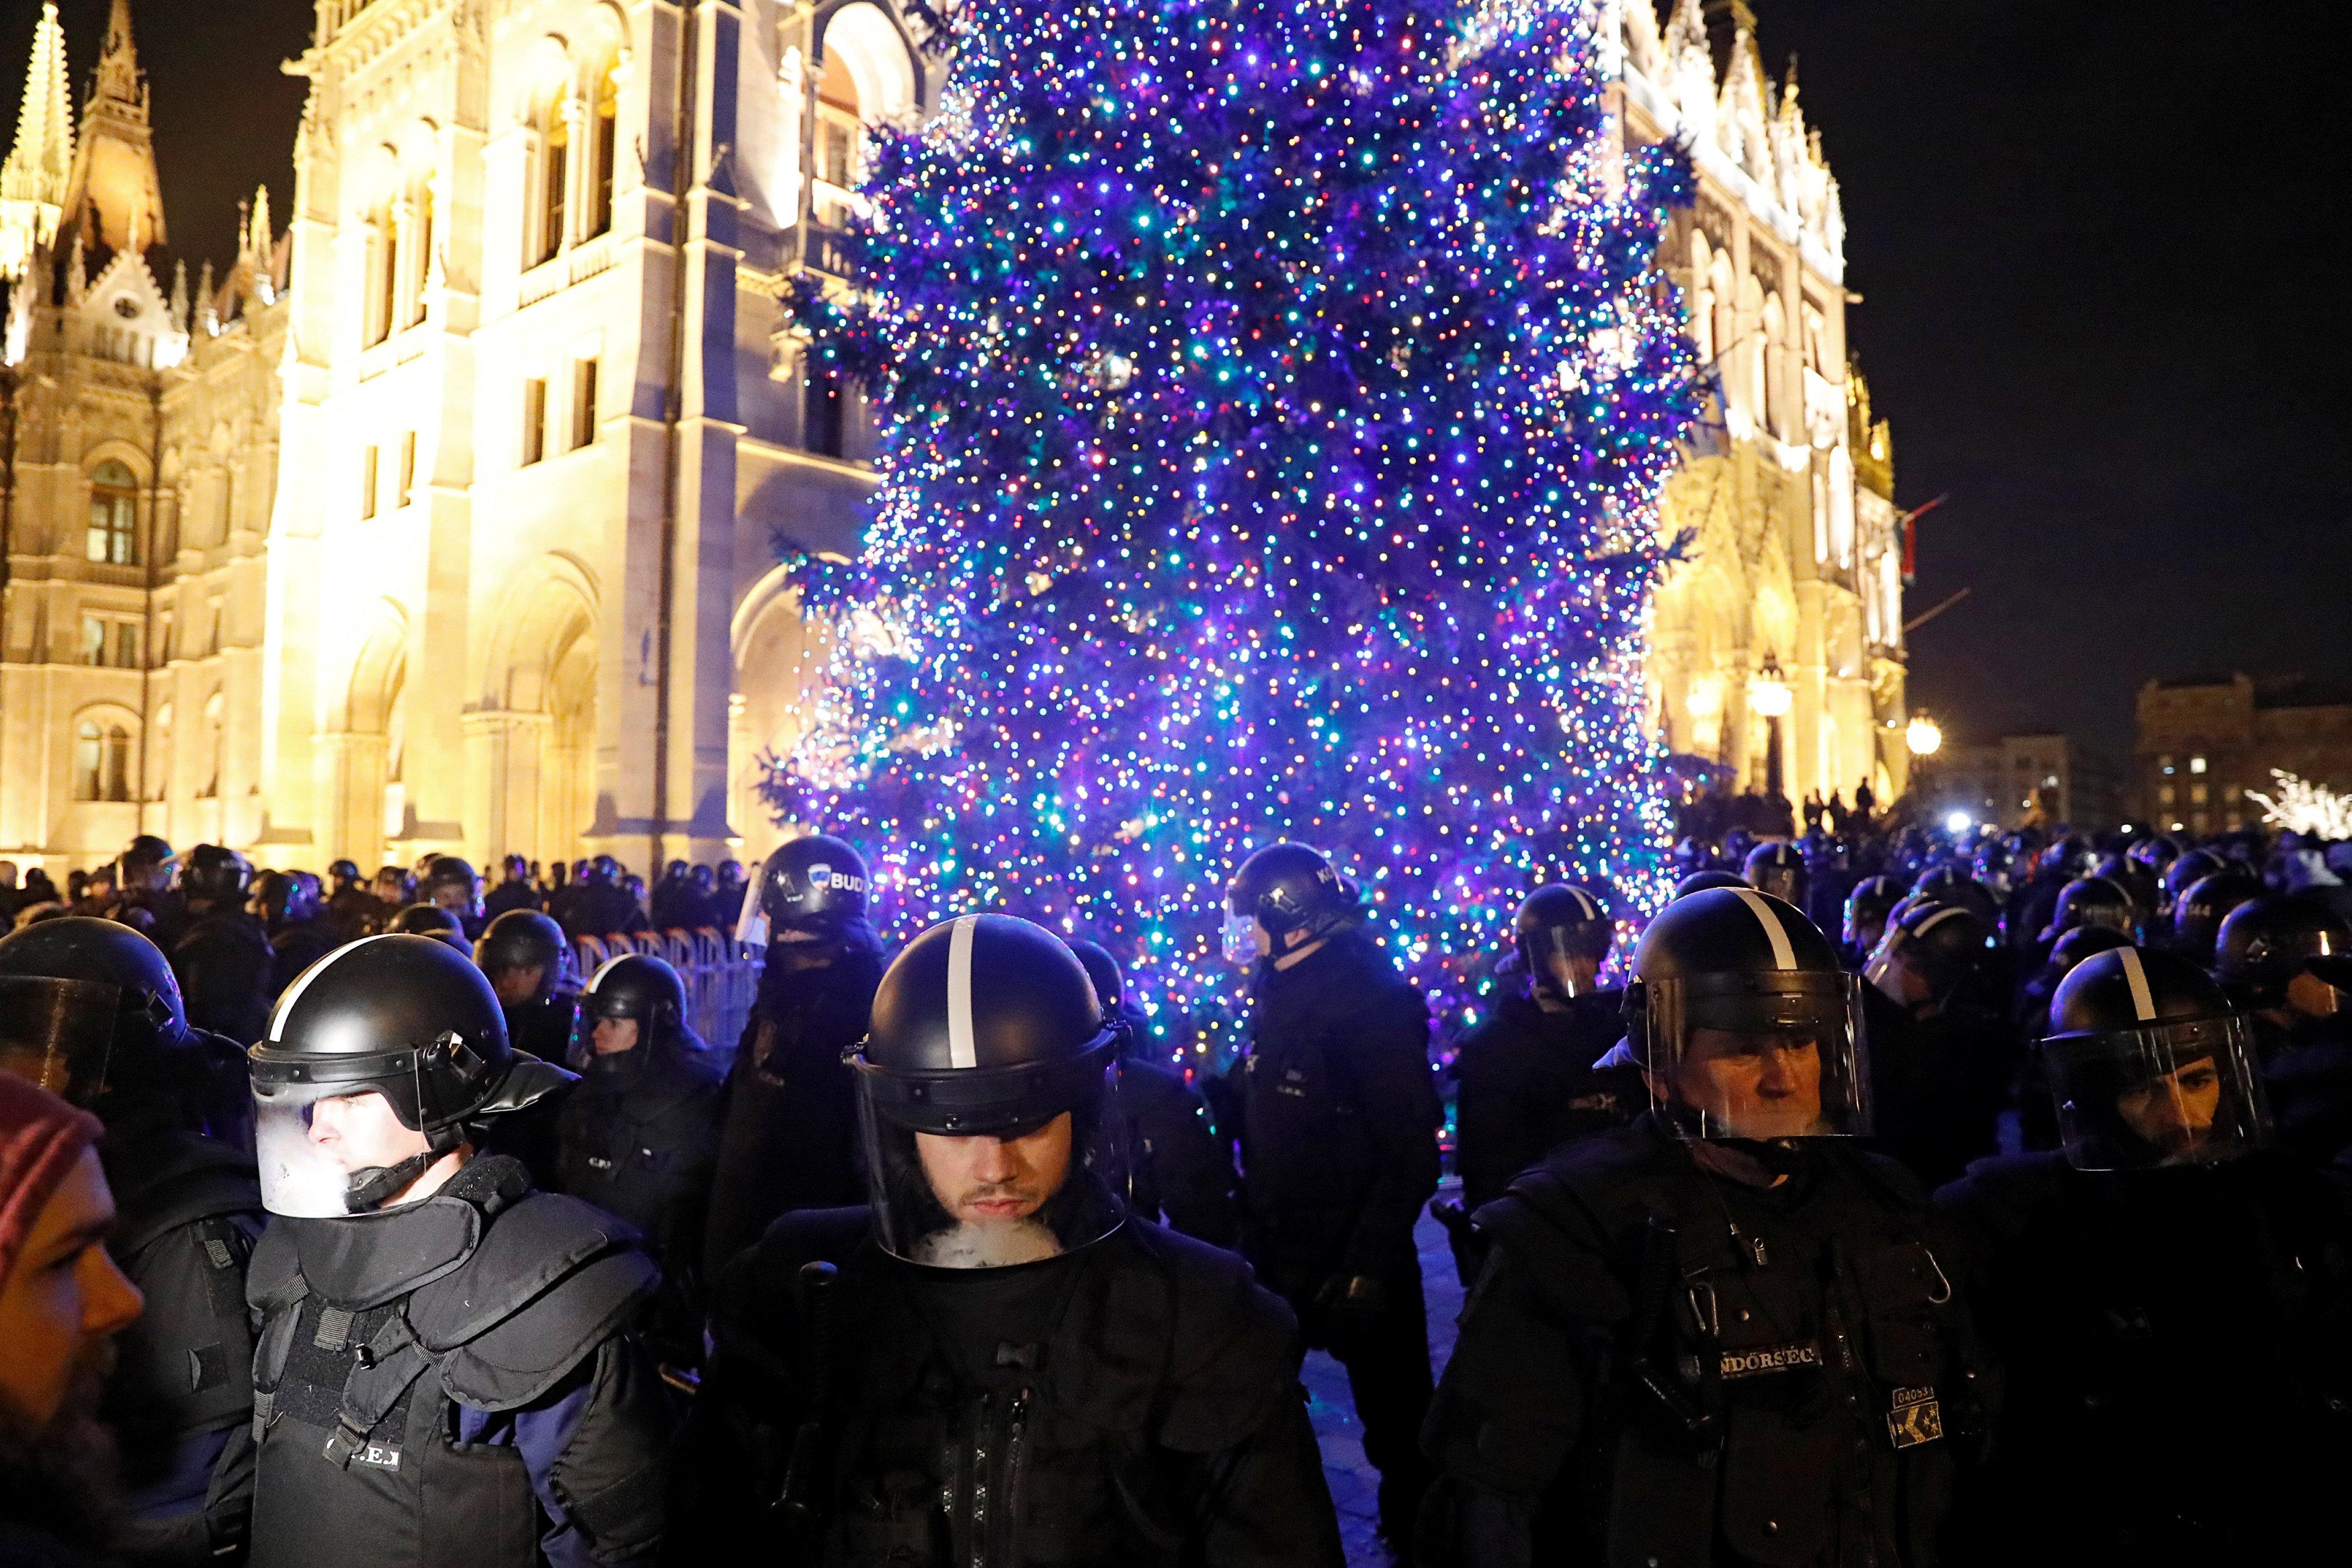 احتجاجات فى المجر ضد قانون العمل الجديد (5)